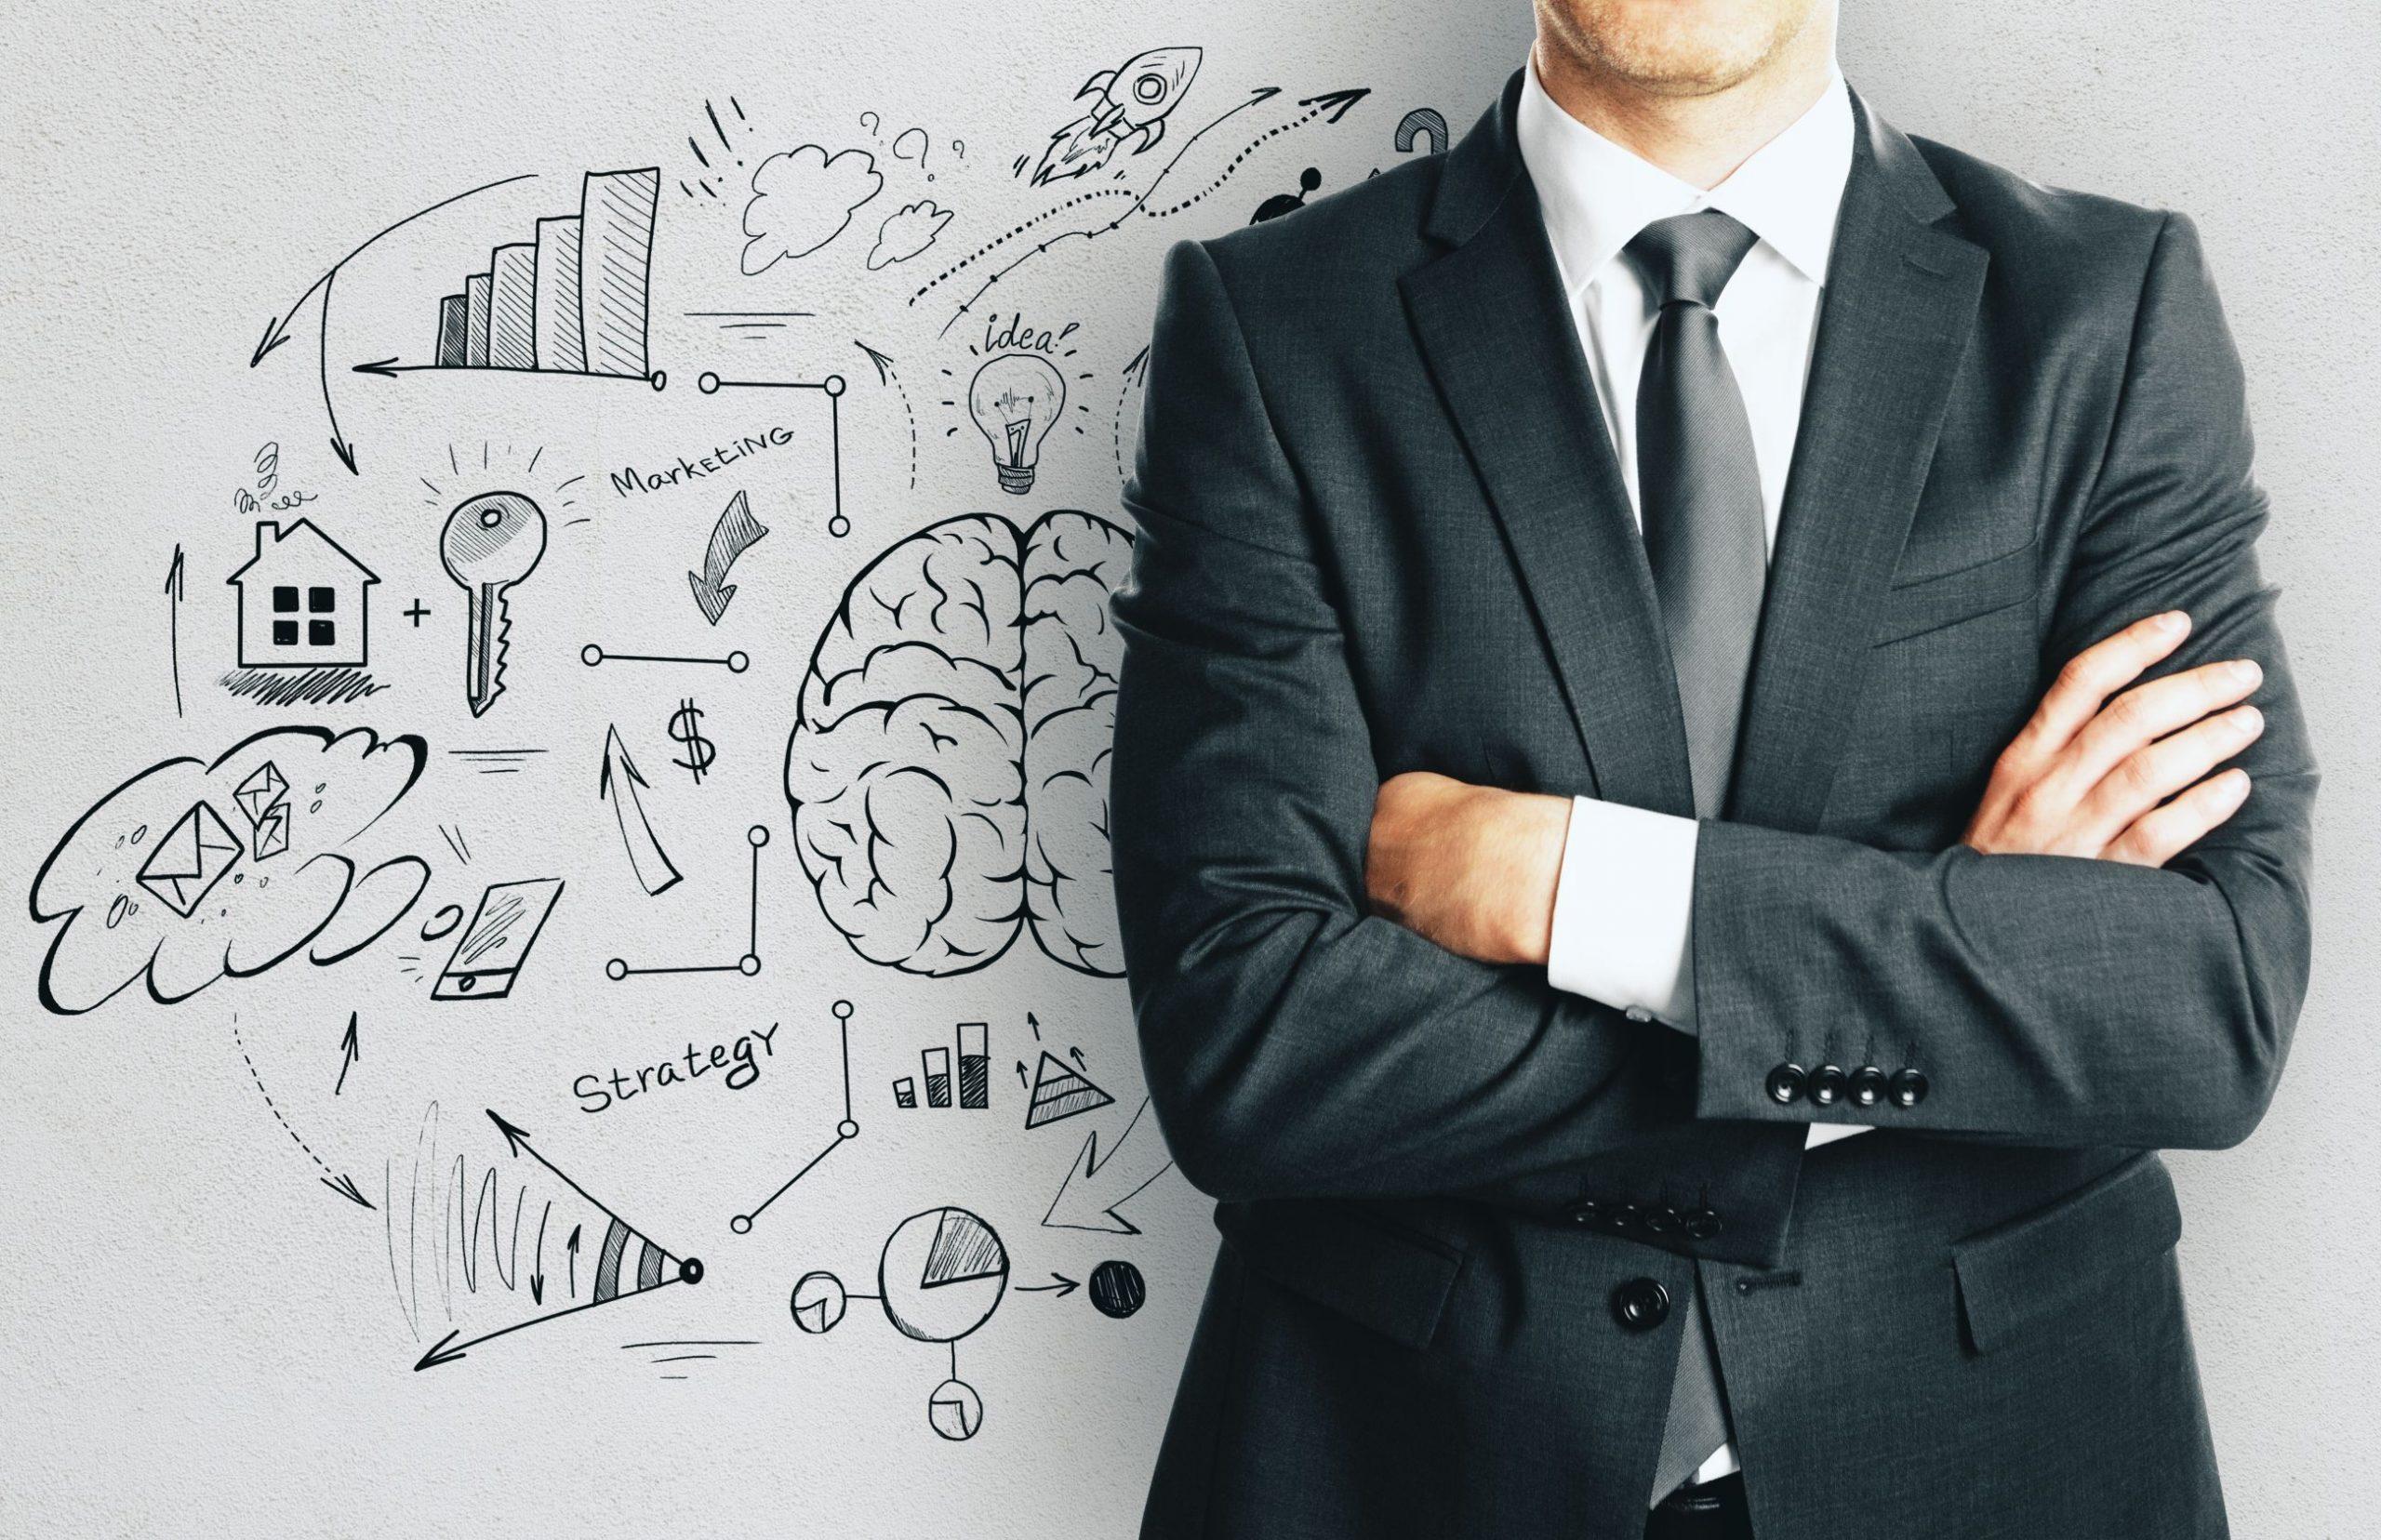 etapes planification releve entreprise